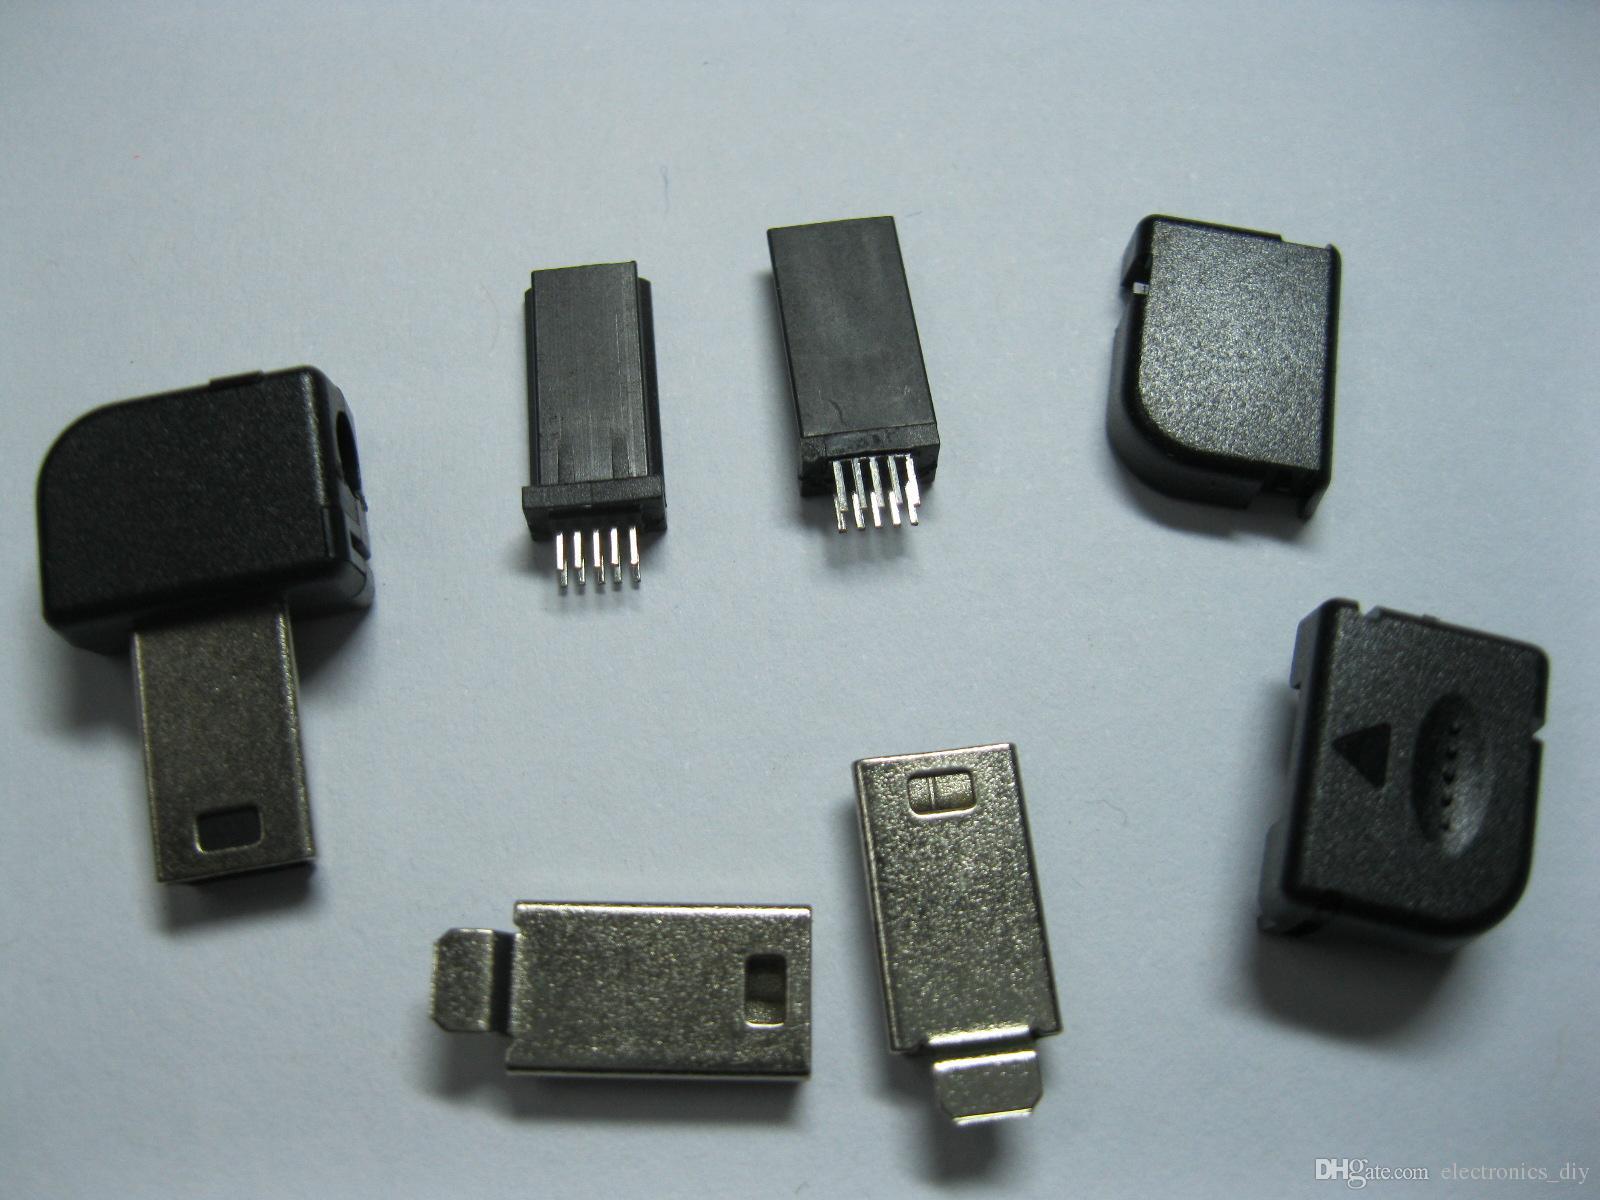 Philips için 10 Pin USB Erkek Fiş Dik Açı 100 adet lot başına sıcak satış